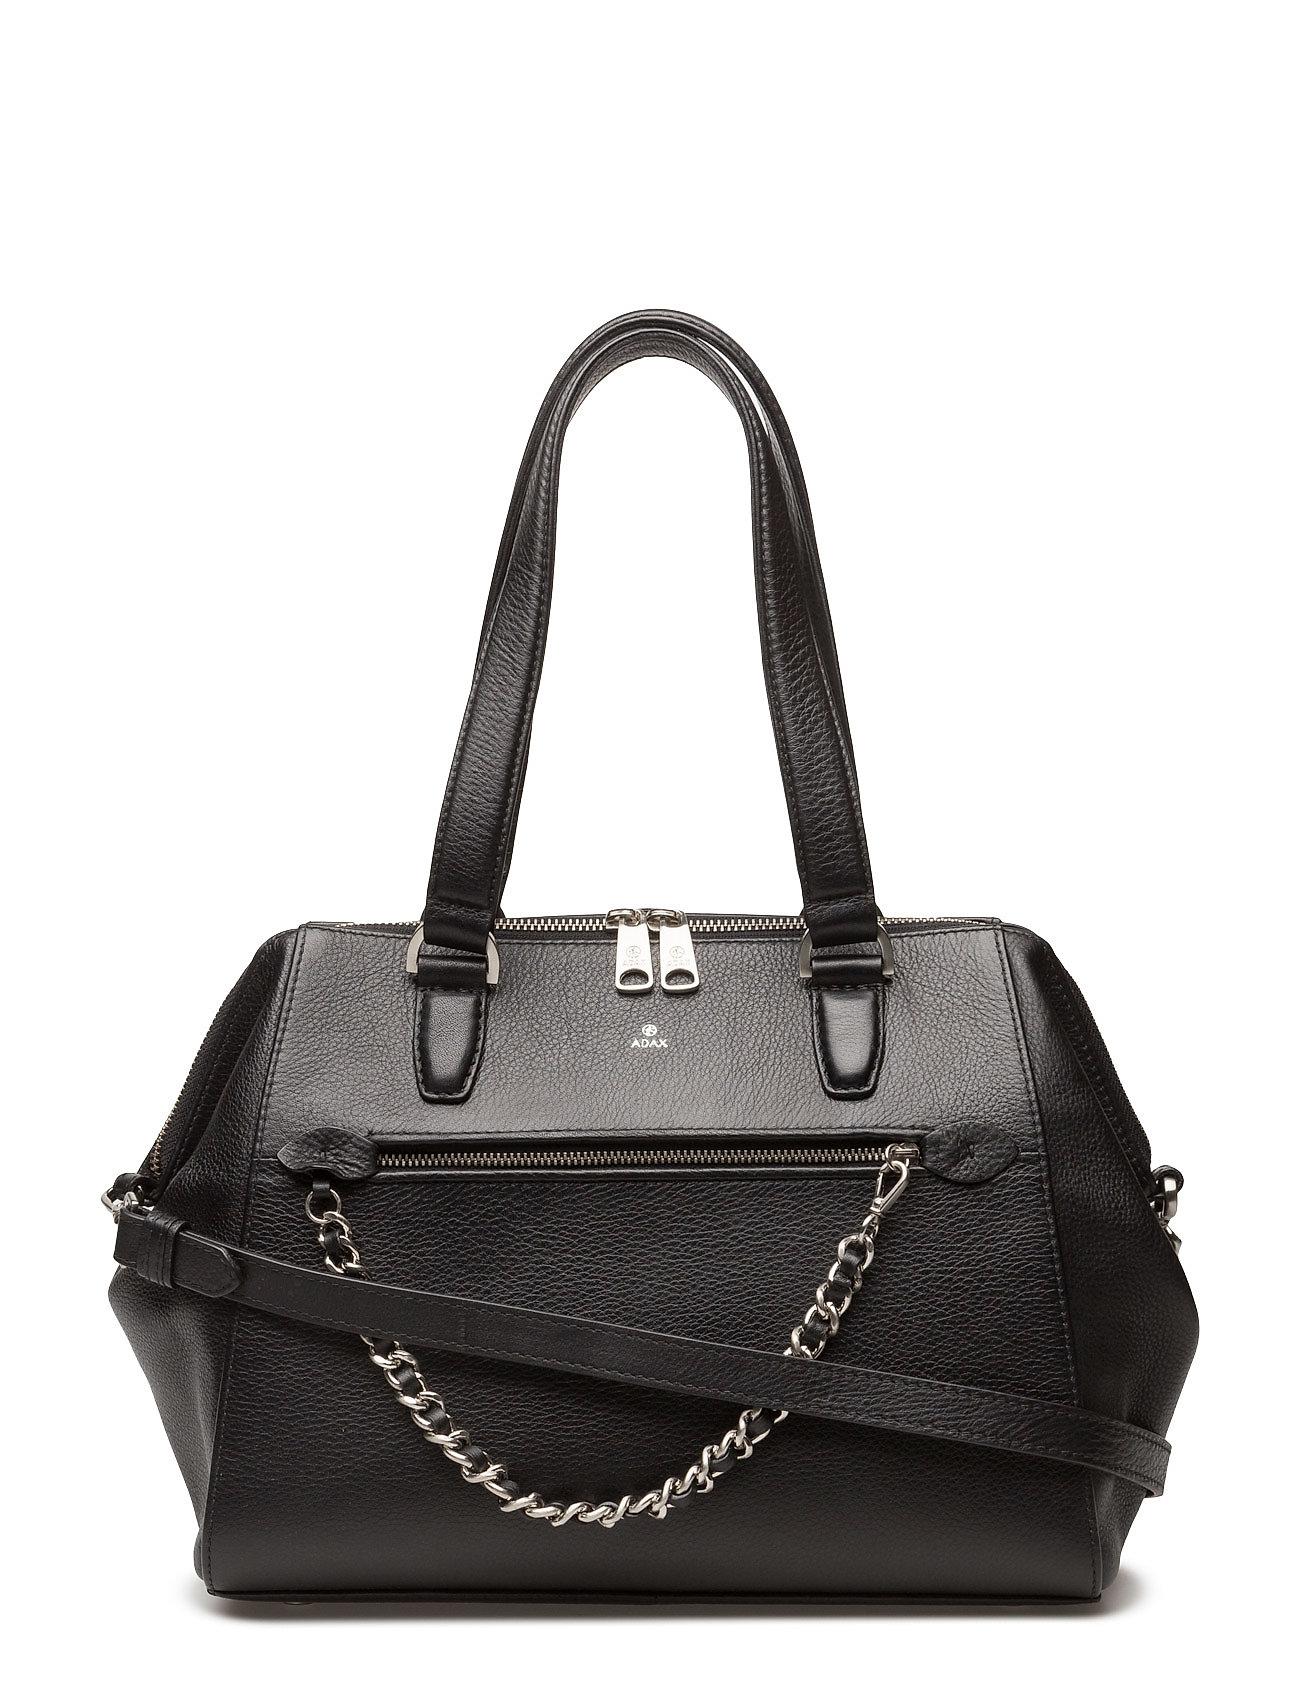 adax – Raveli handbag ivana på boozt.com dk